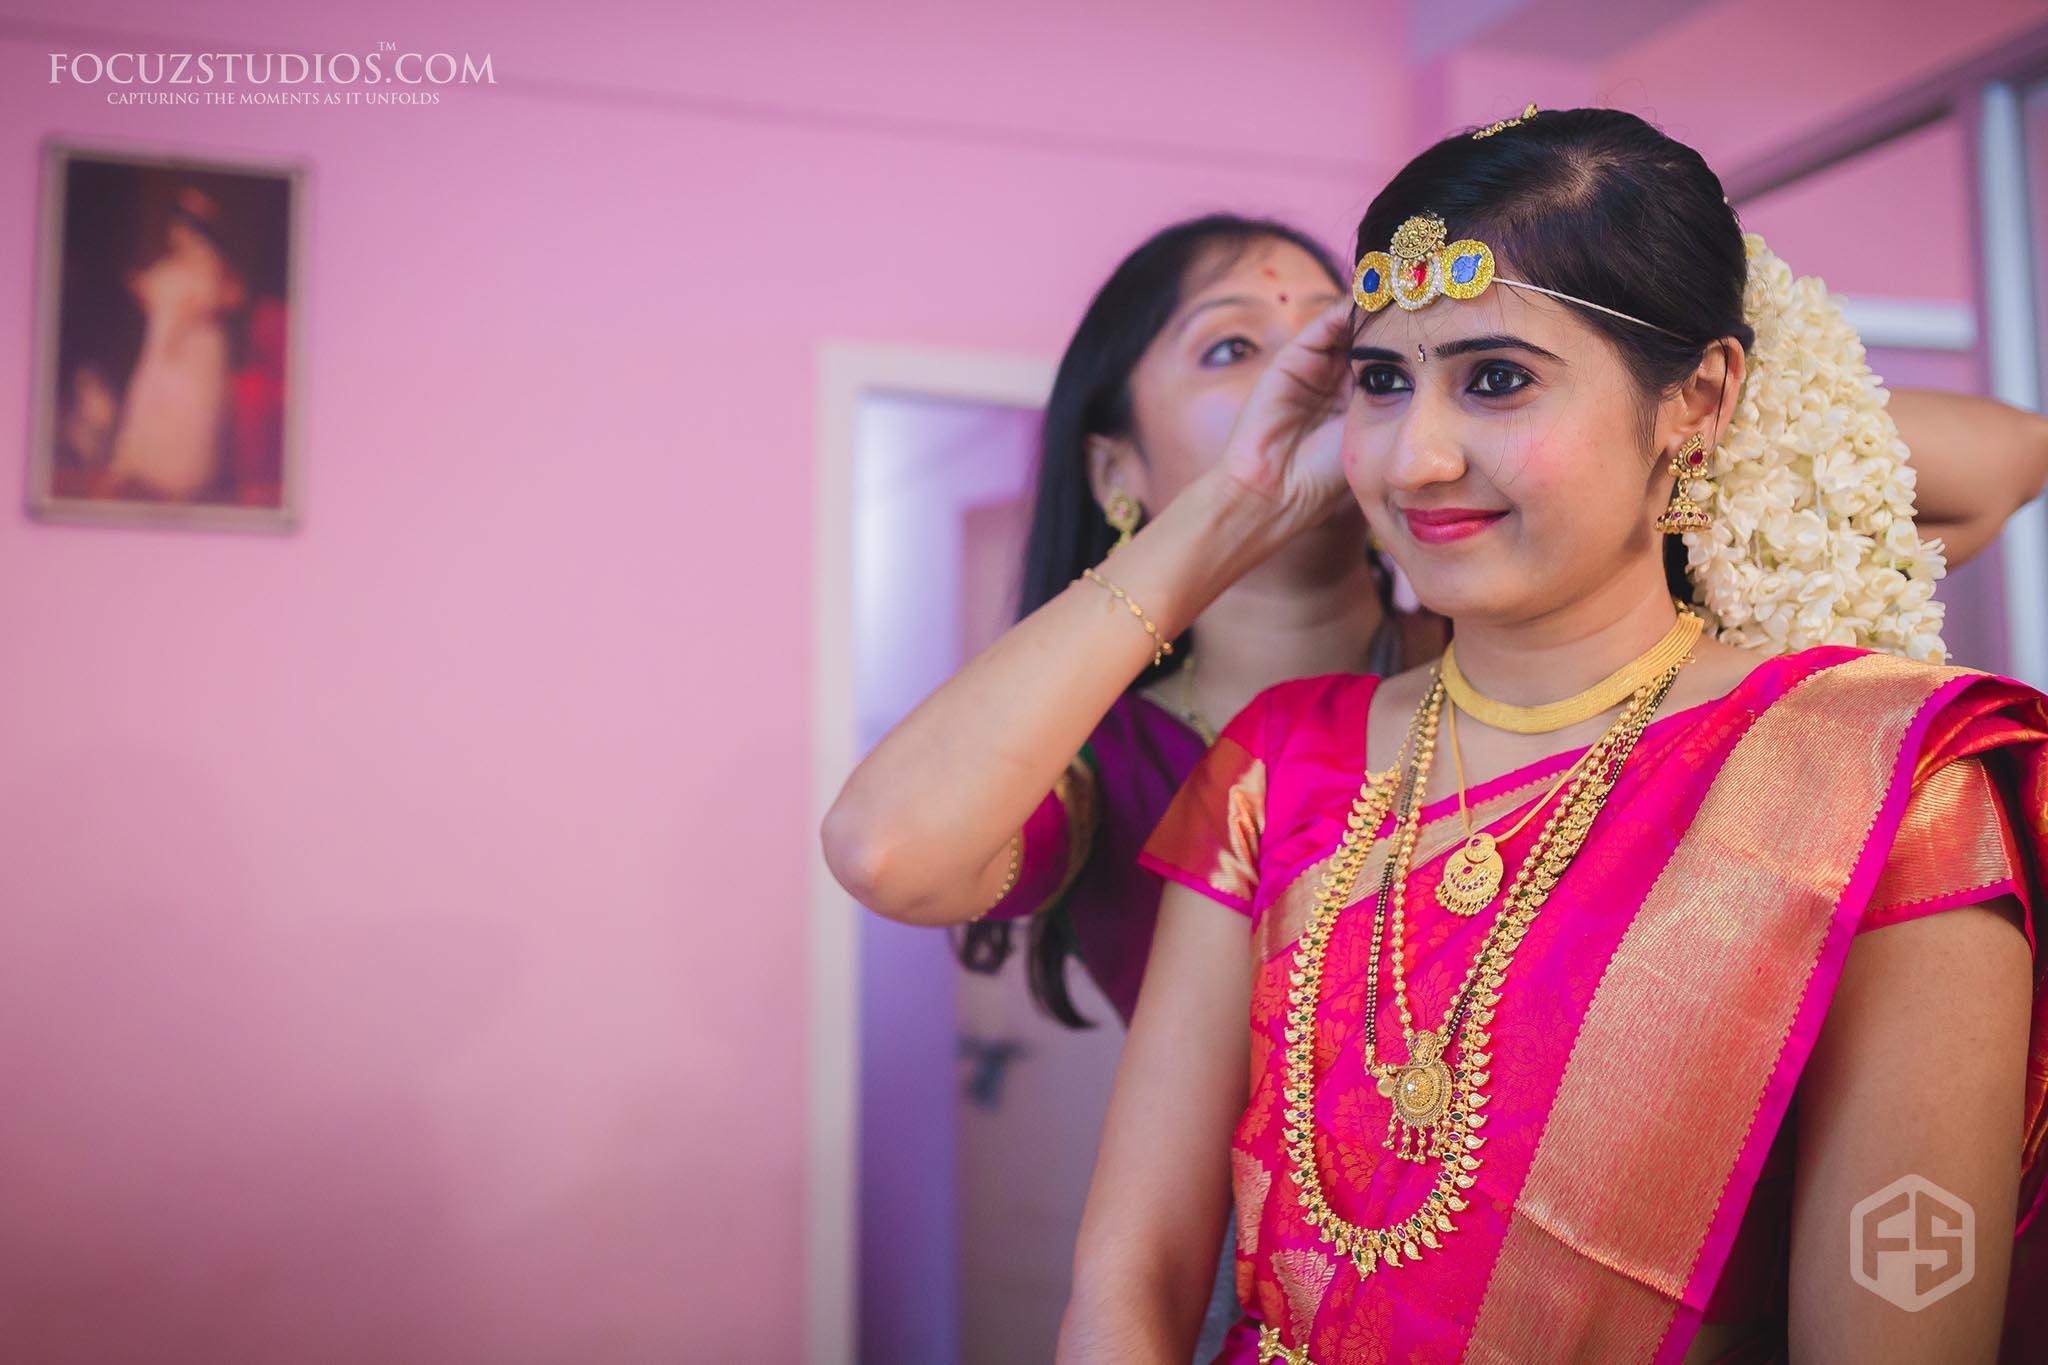 udupi-brahmins-wedding-photography-kerala-19